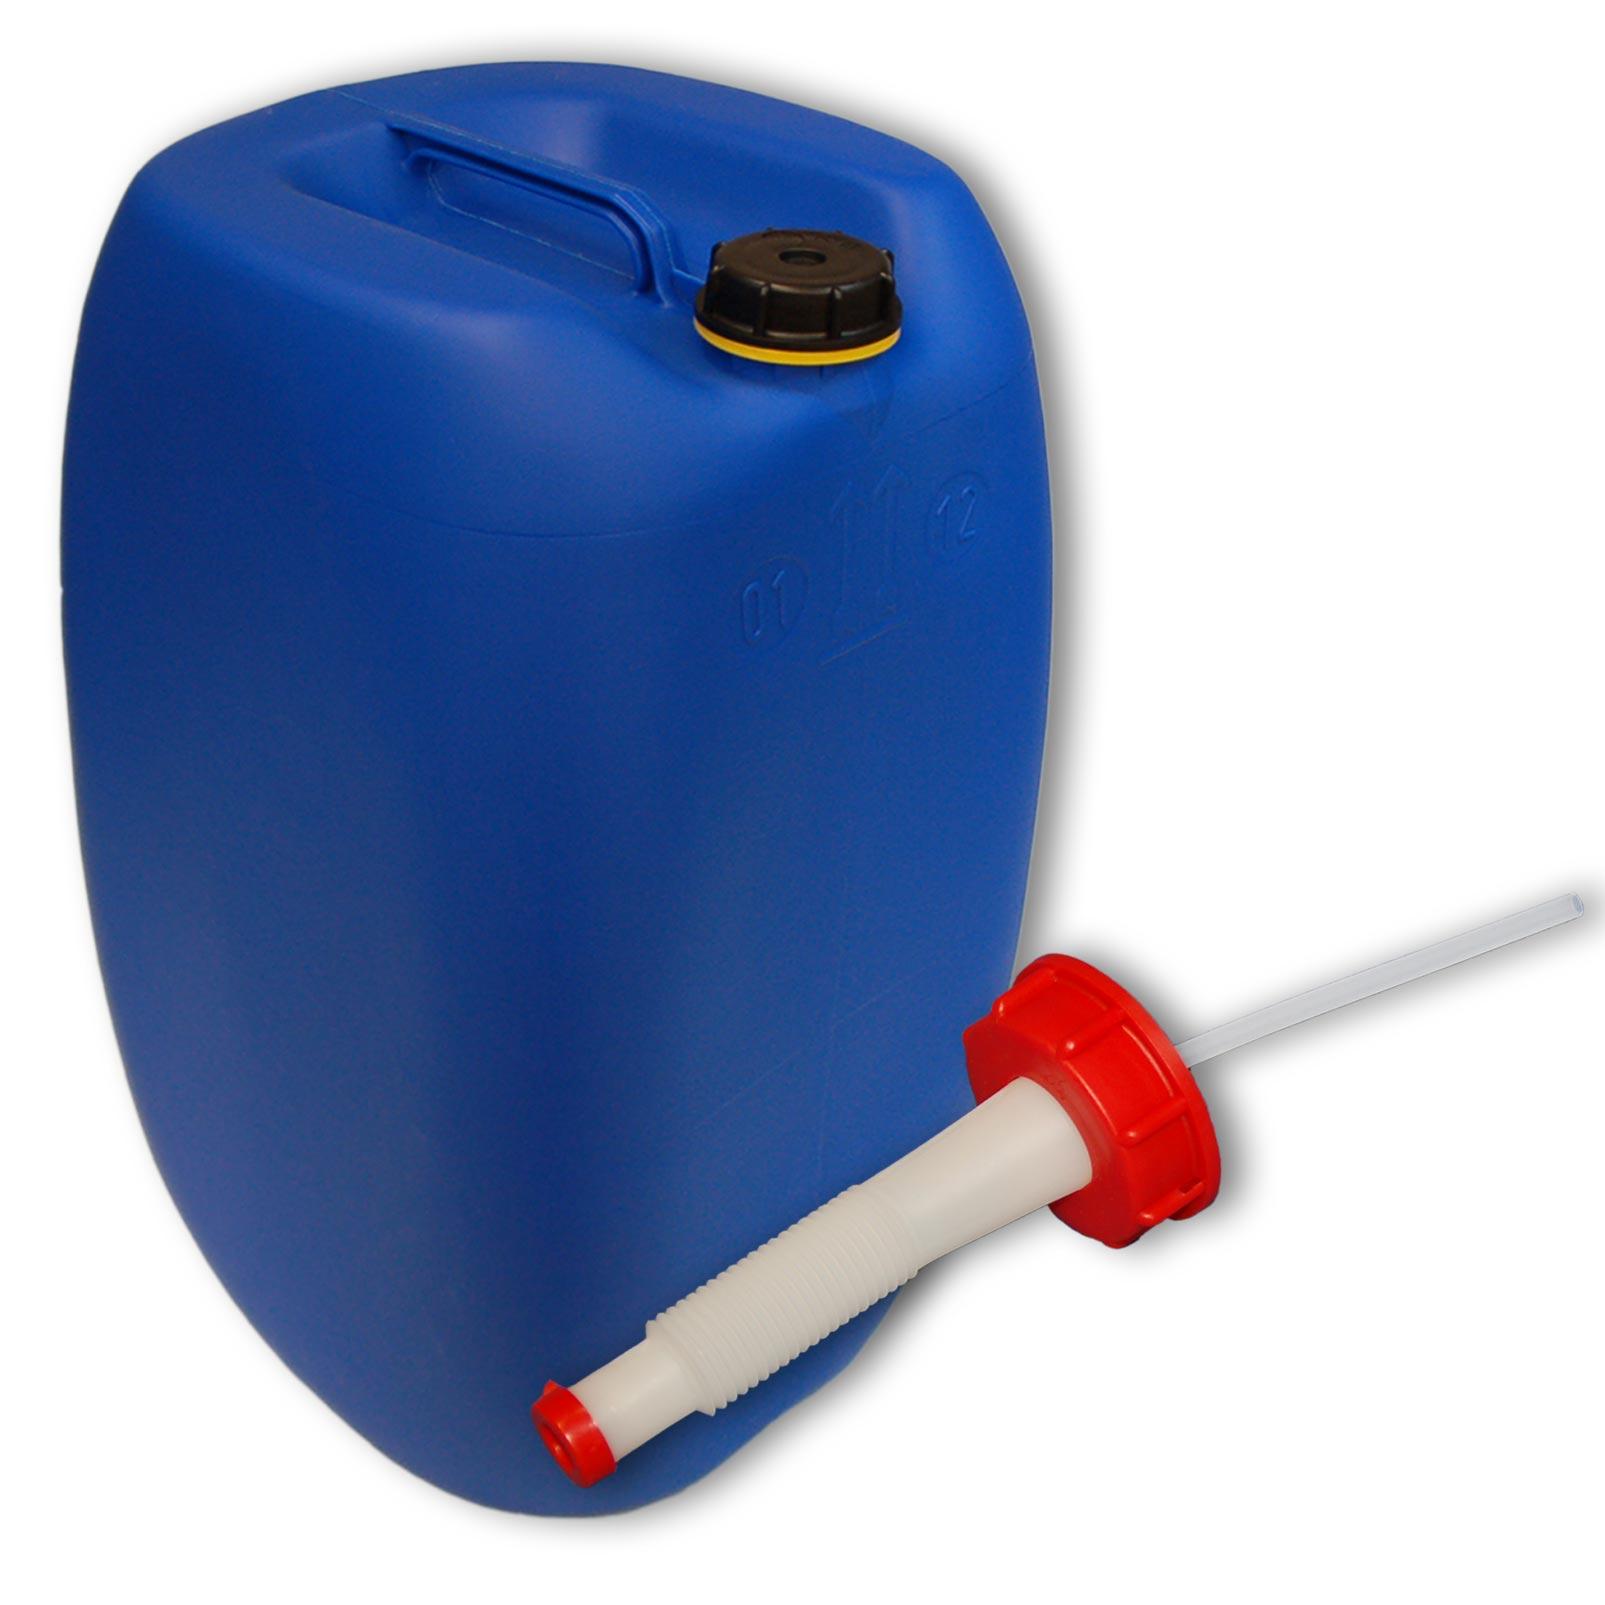 60 liter kanister mittelgriff blau ausgie er flexibel din61. Black Bedroom Furniture Sets. Home Design Ideas